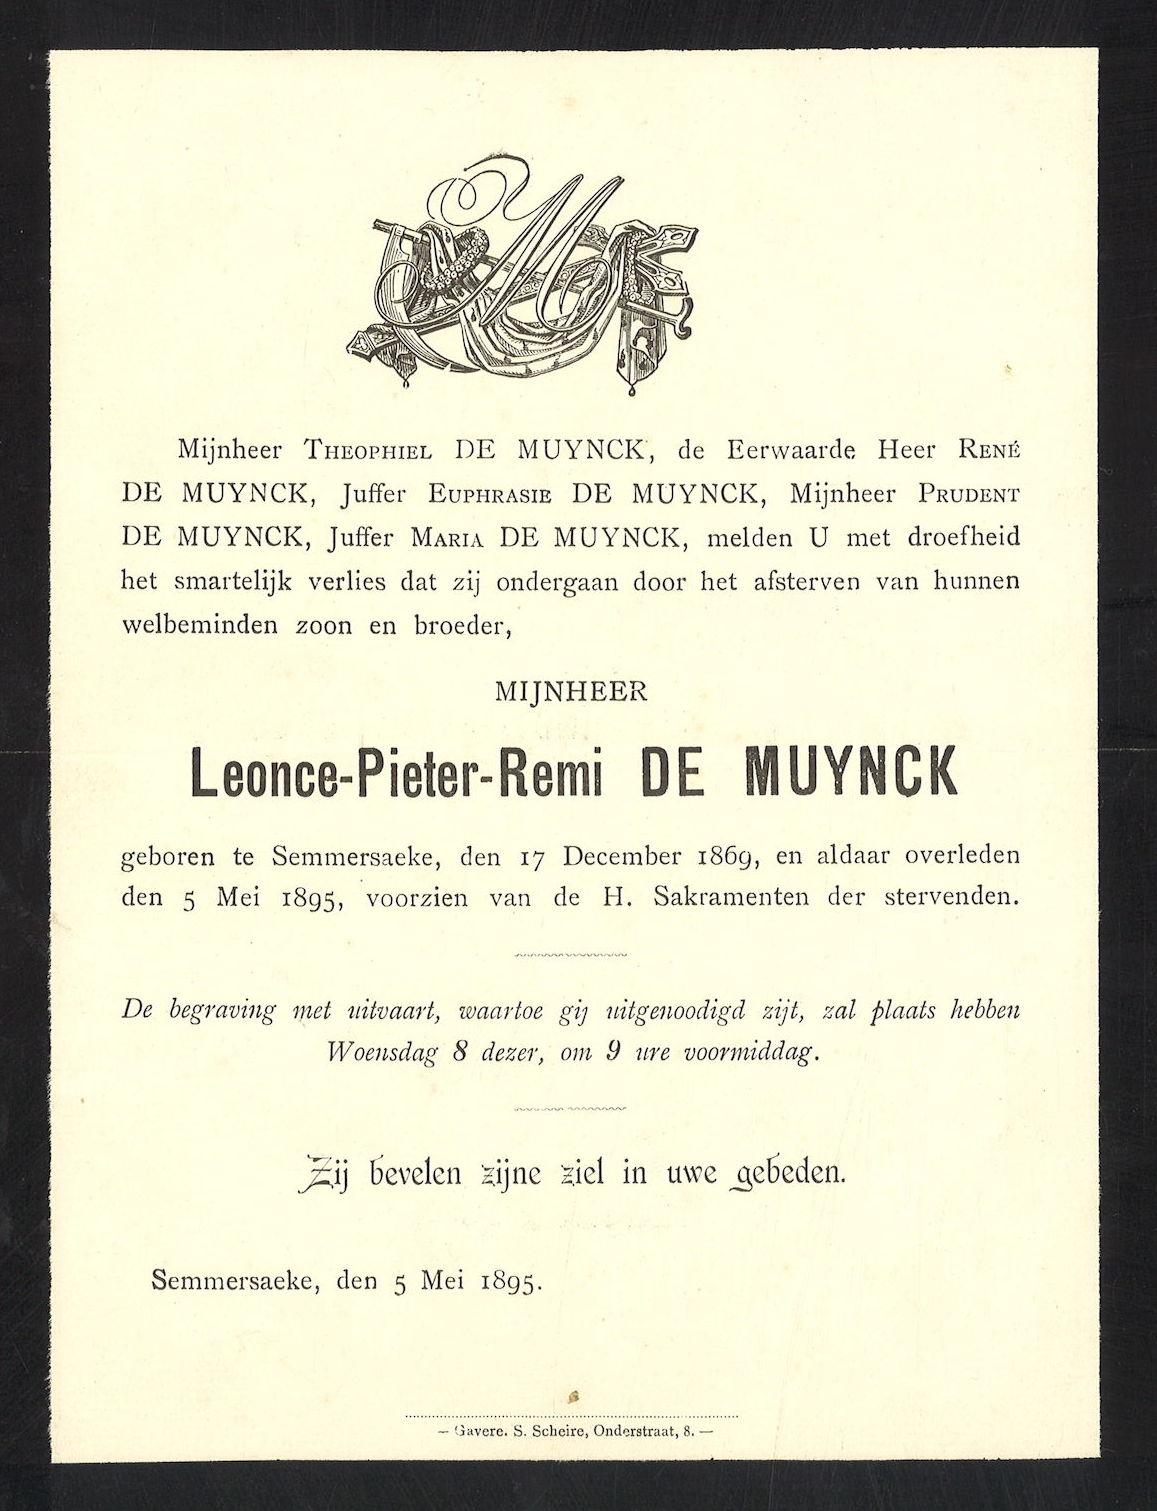 Leonce-Pieter-Remi De Muynck